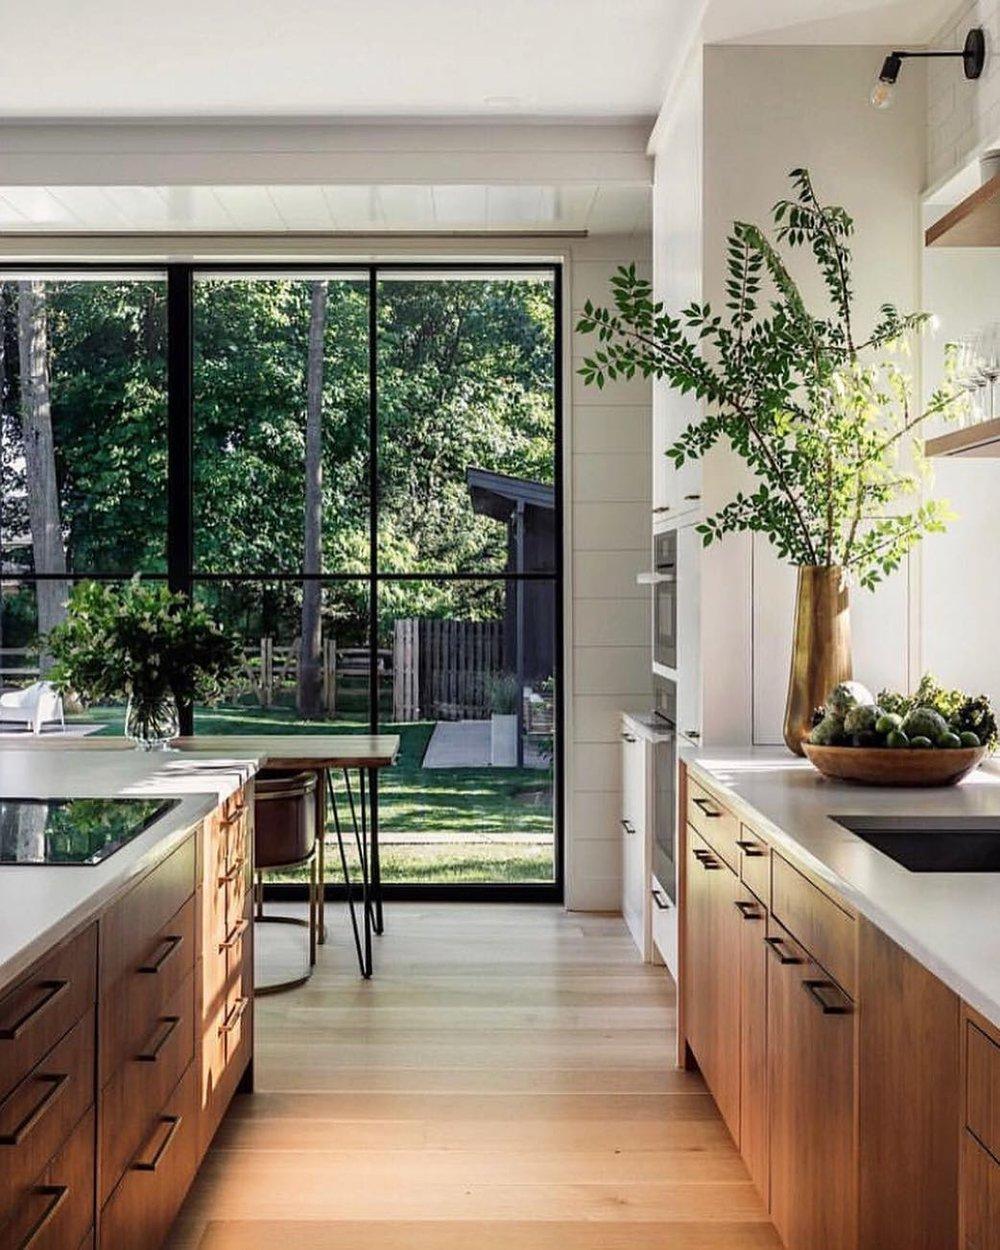 #interior2you via @ homebytaylor